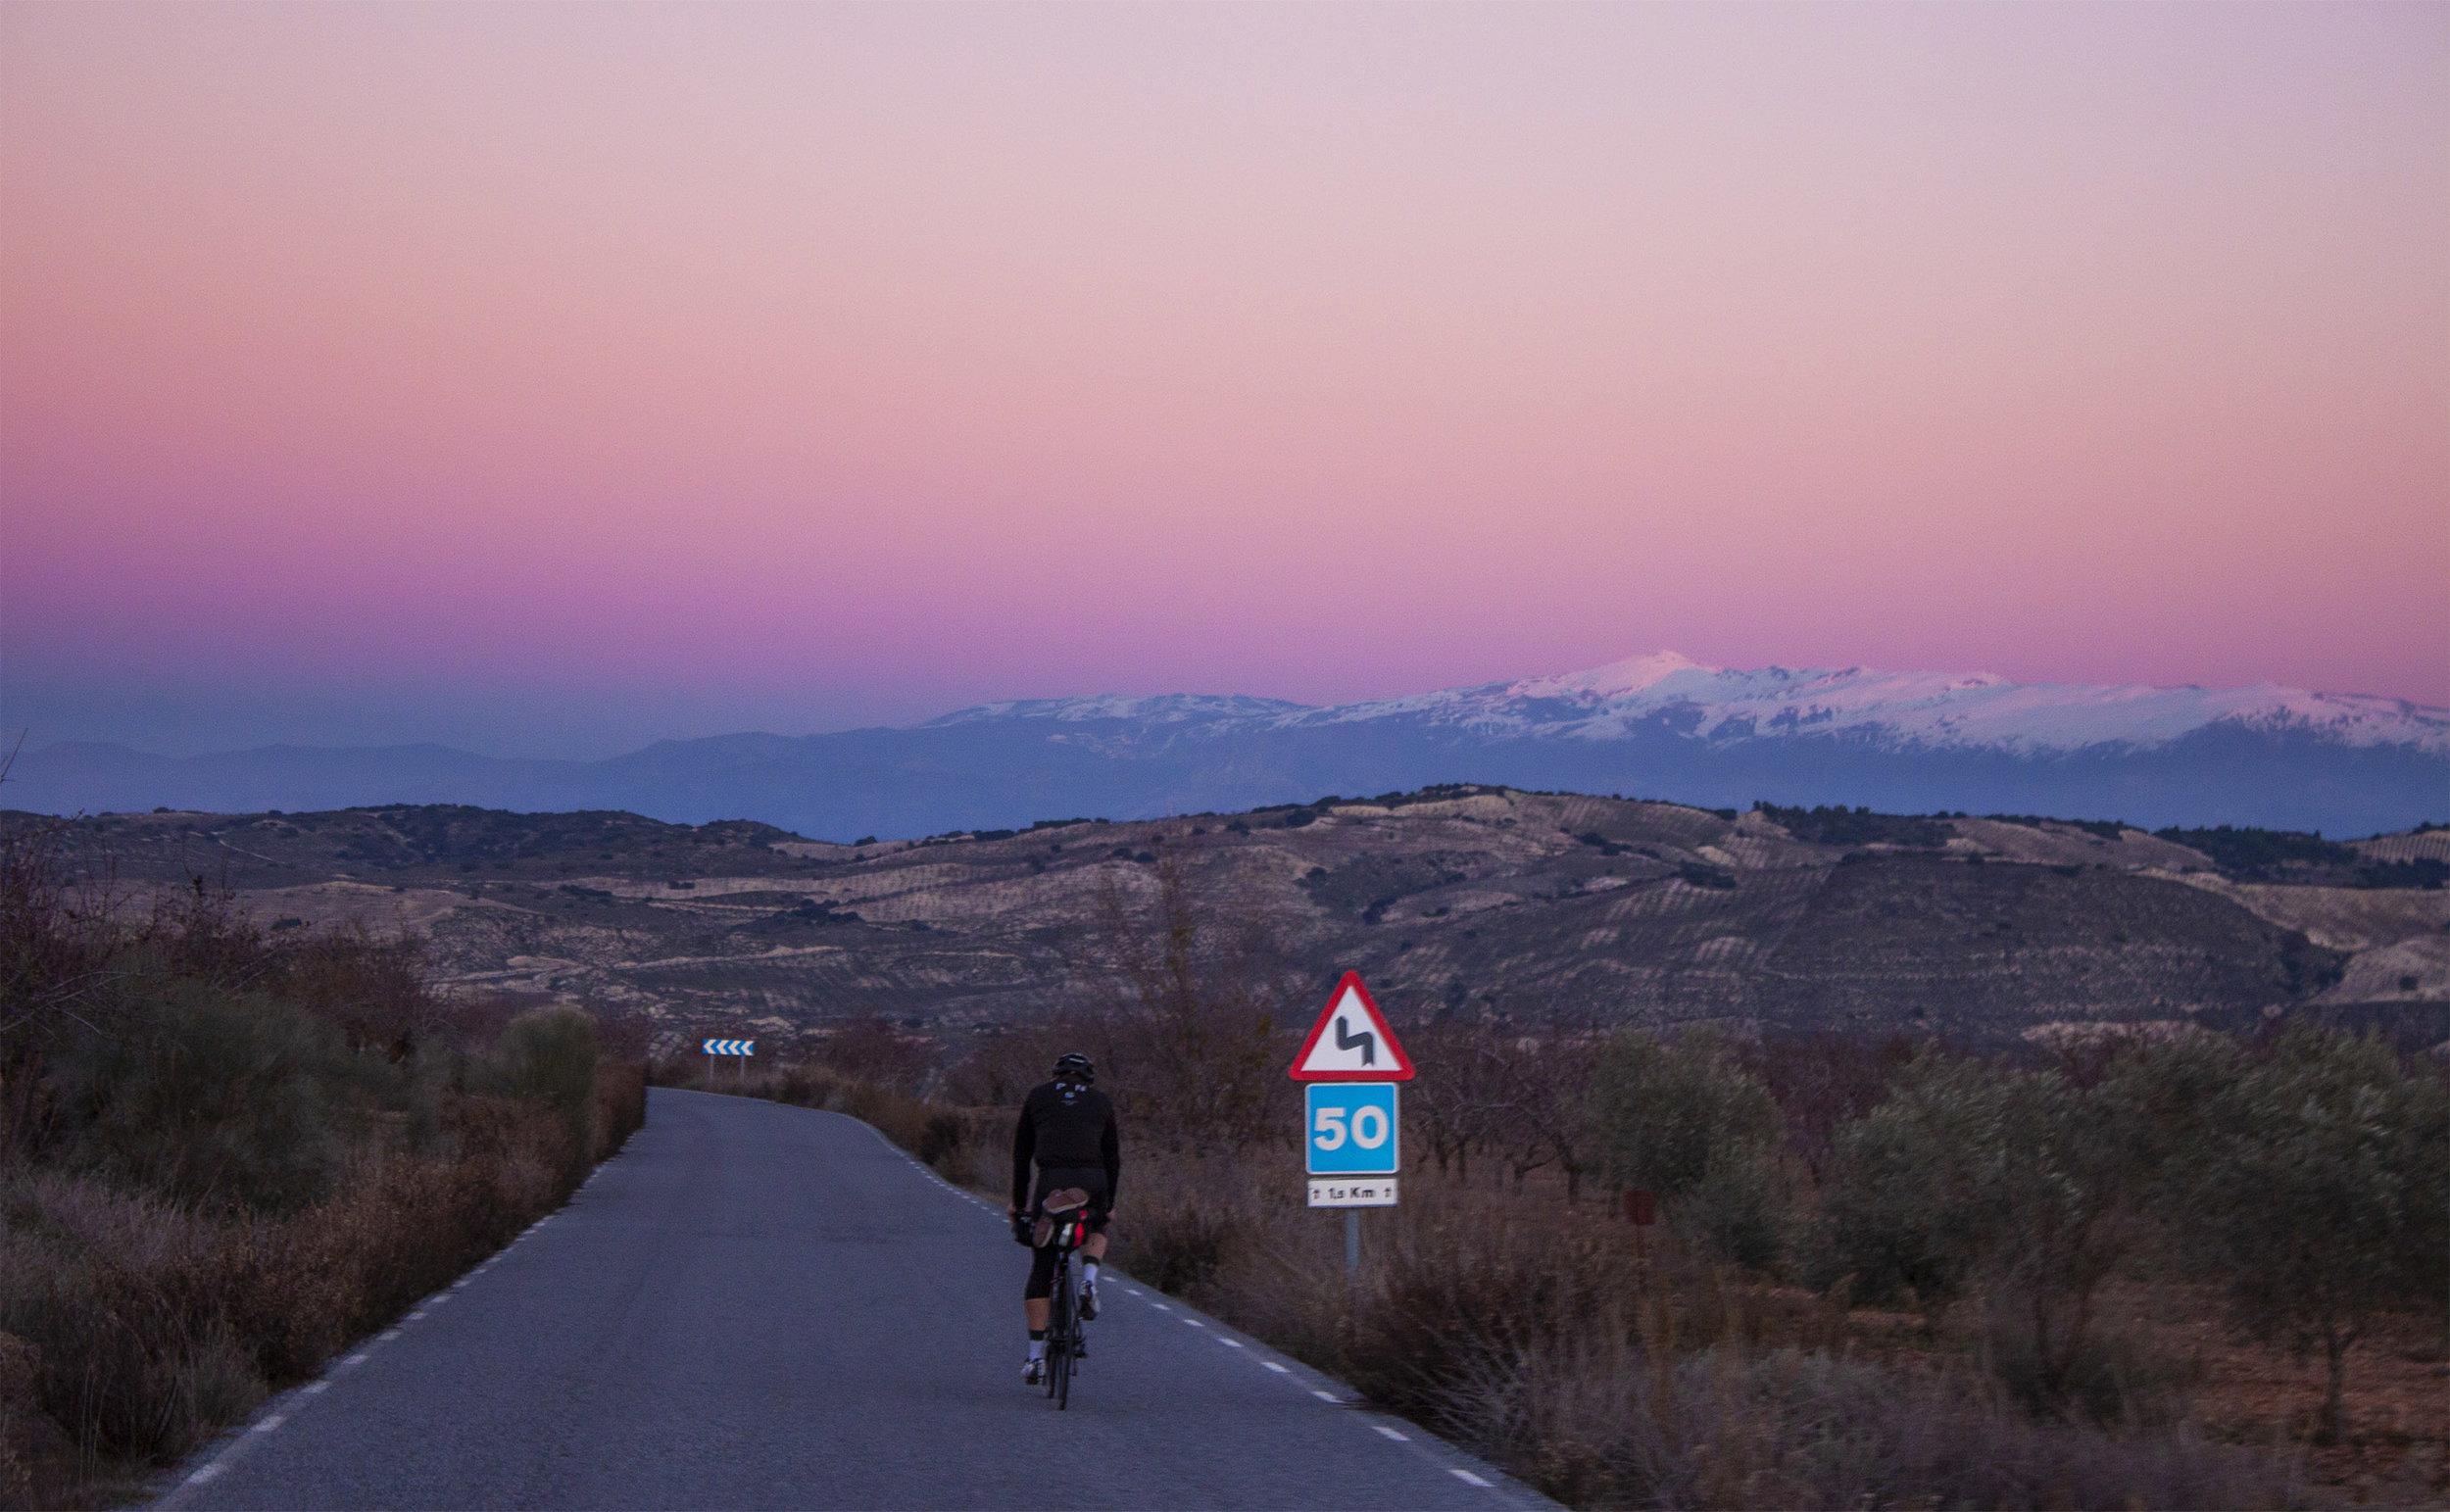 malaga-road-bike-rental-sierra-nevada.jpg